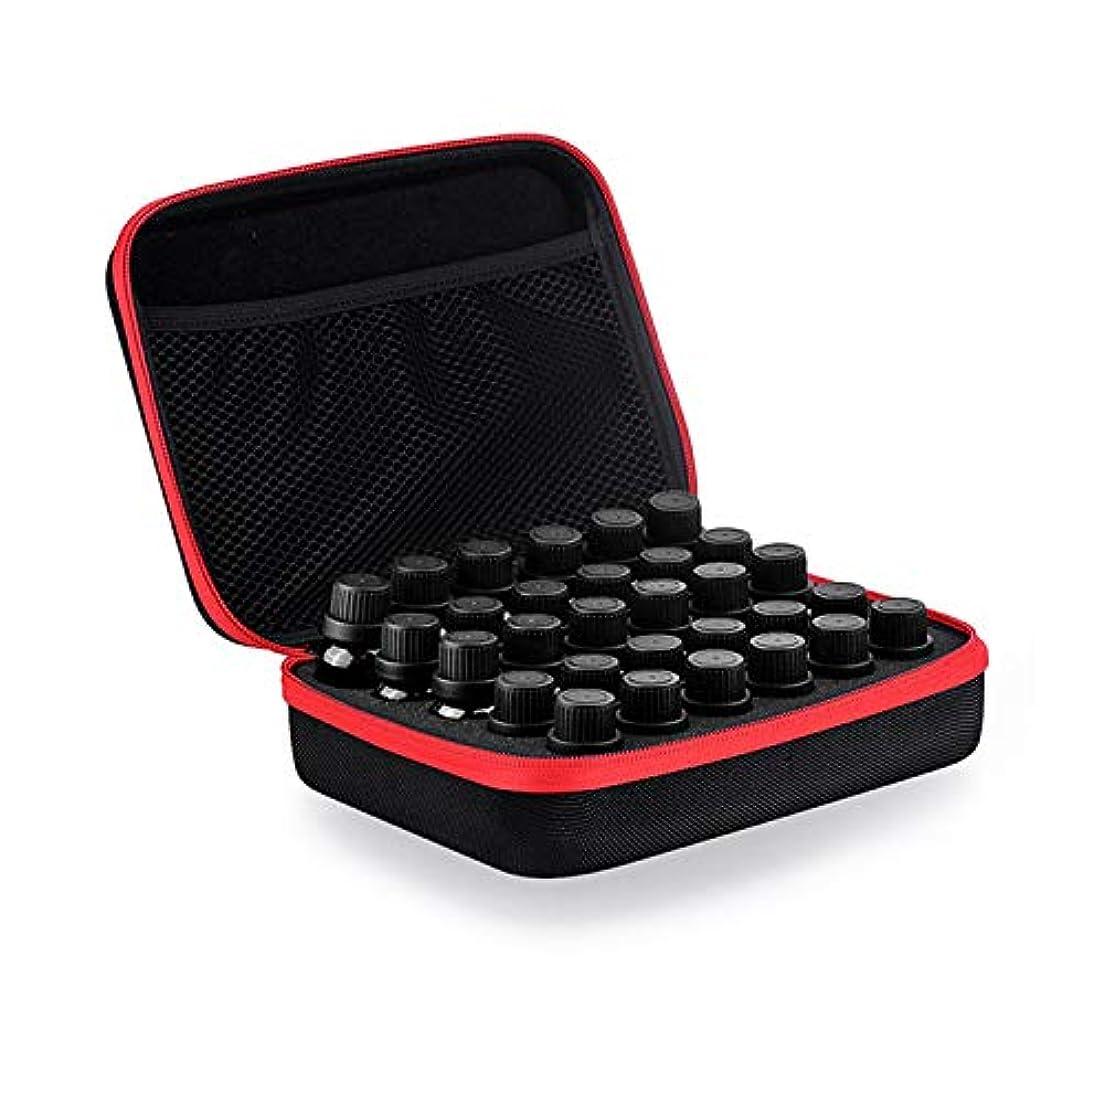 安いです痛い台風Coteco 精油 ケース 化粧品袋30スロットボトルエッセンシャルオイルケース用保護5/10/15ミリリットルローラーエッセンシャルオイルバッグ 旅行 キャリング 収納オーガナイザー (赤)